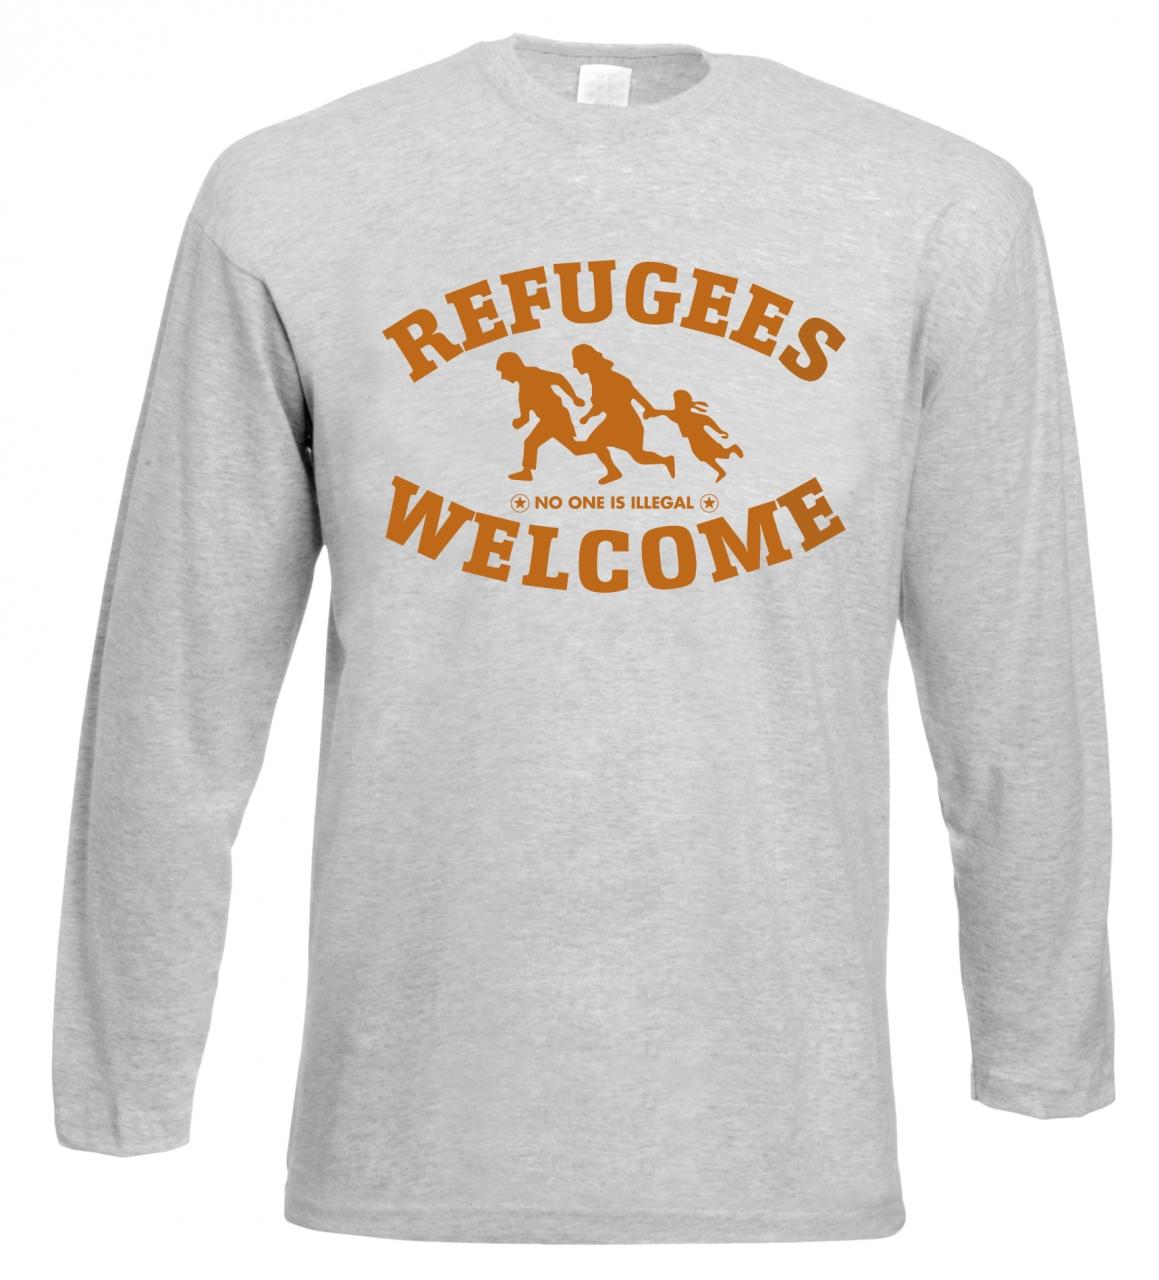 Refugees welcome Langarm Shirt Grau mit orangener Aufschrift - No one is illegal